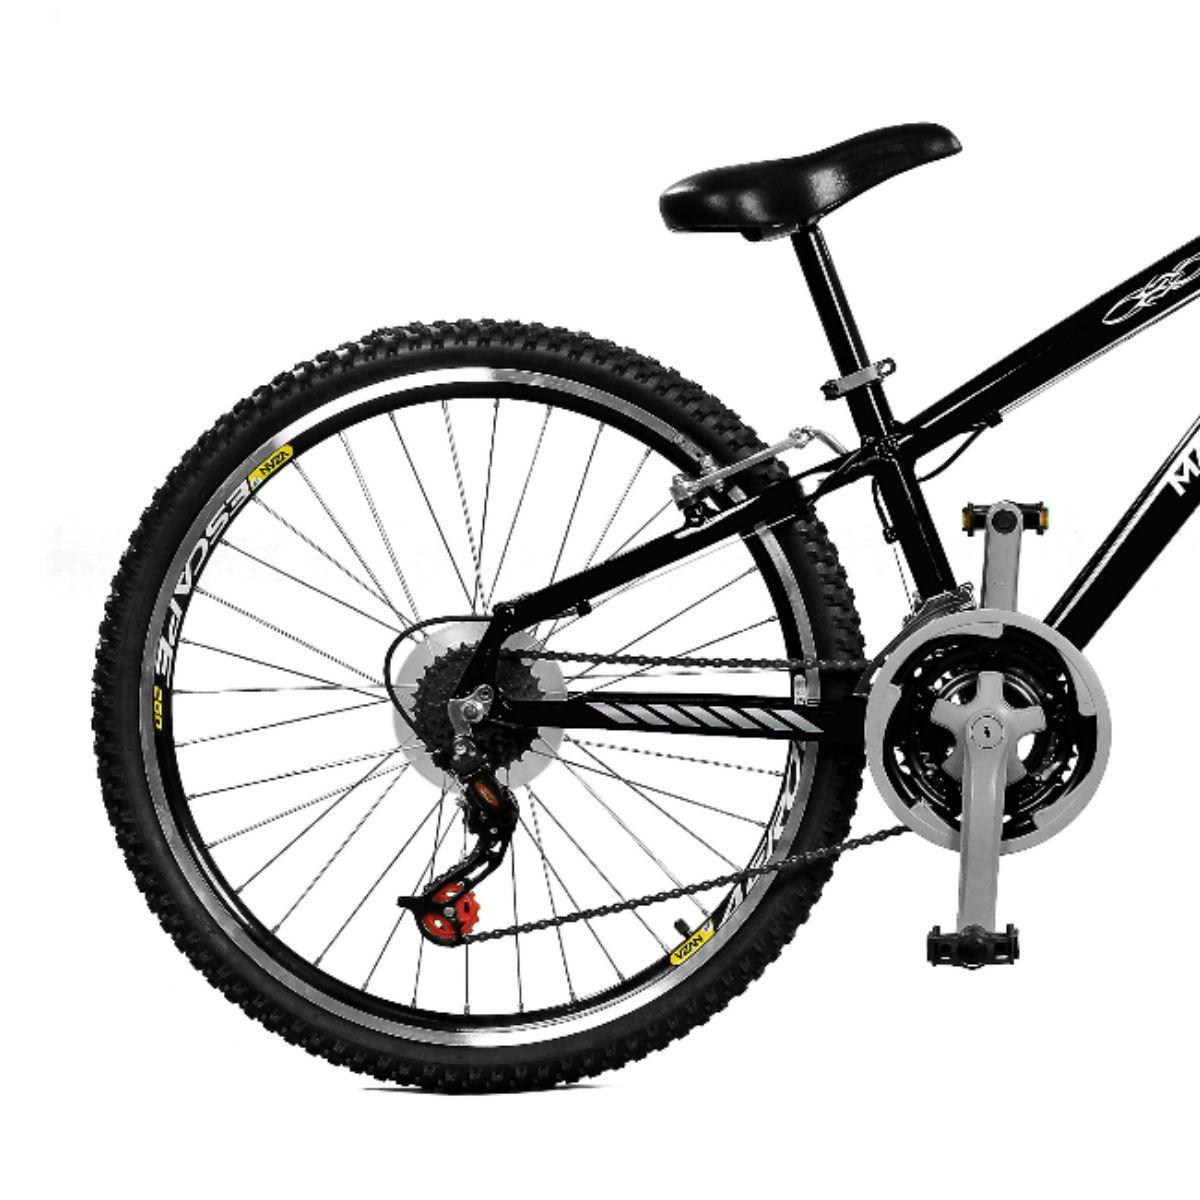 Bicicleta Master Bike Aro 26 Free Rider S A-36 21 Marchas Preto